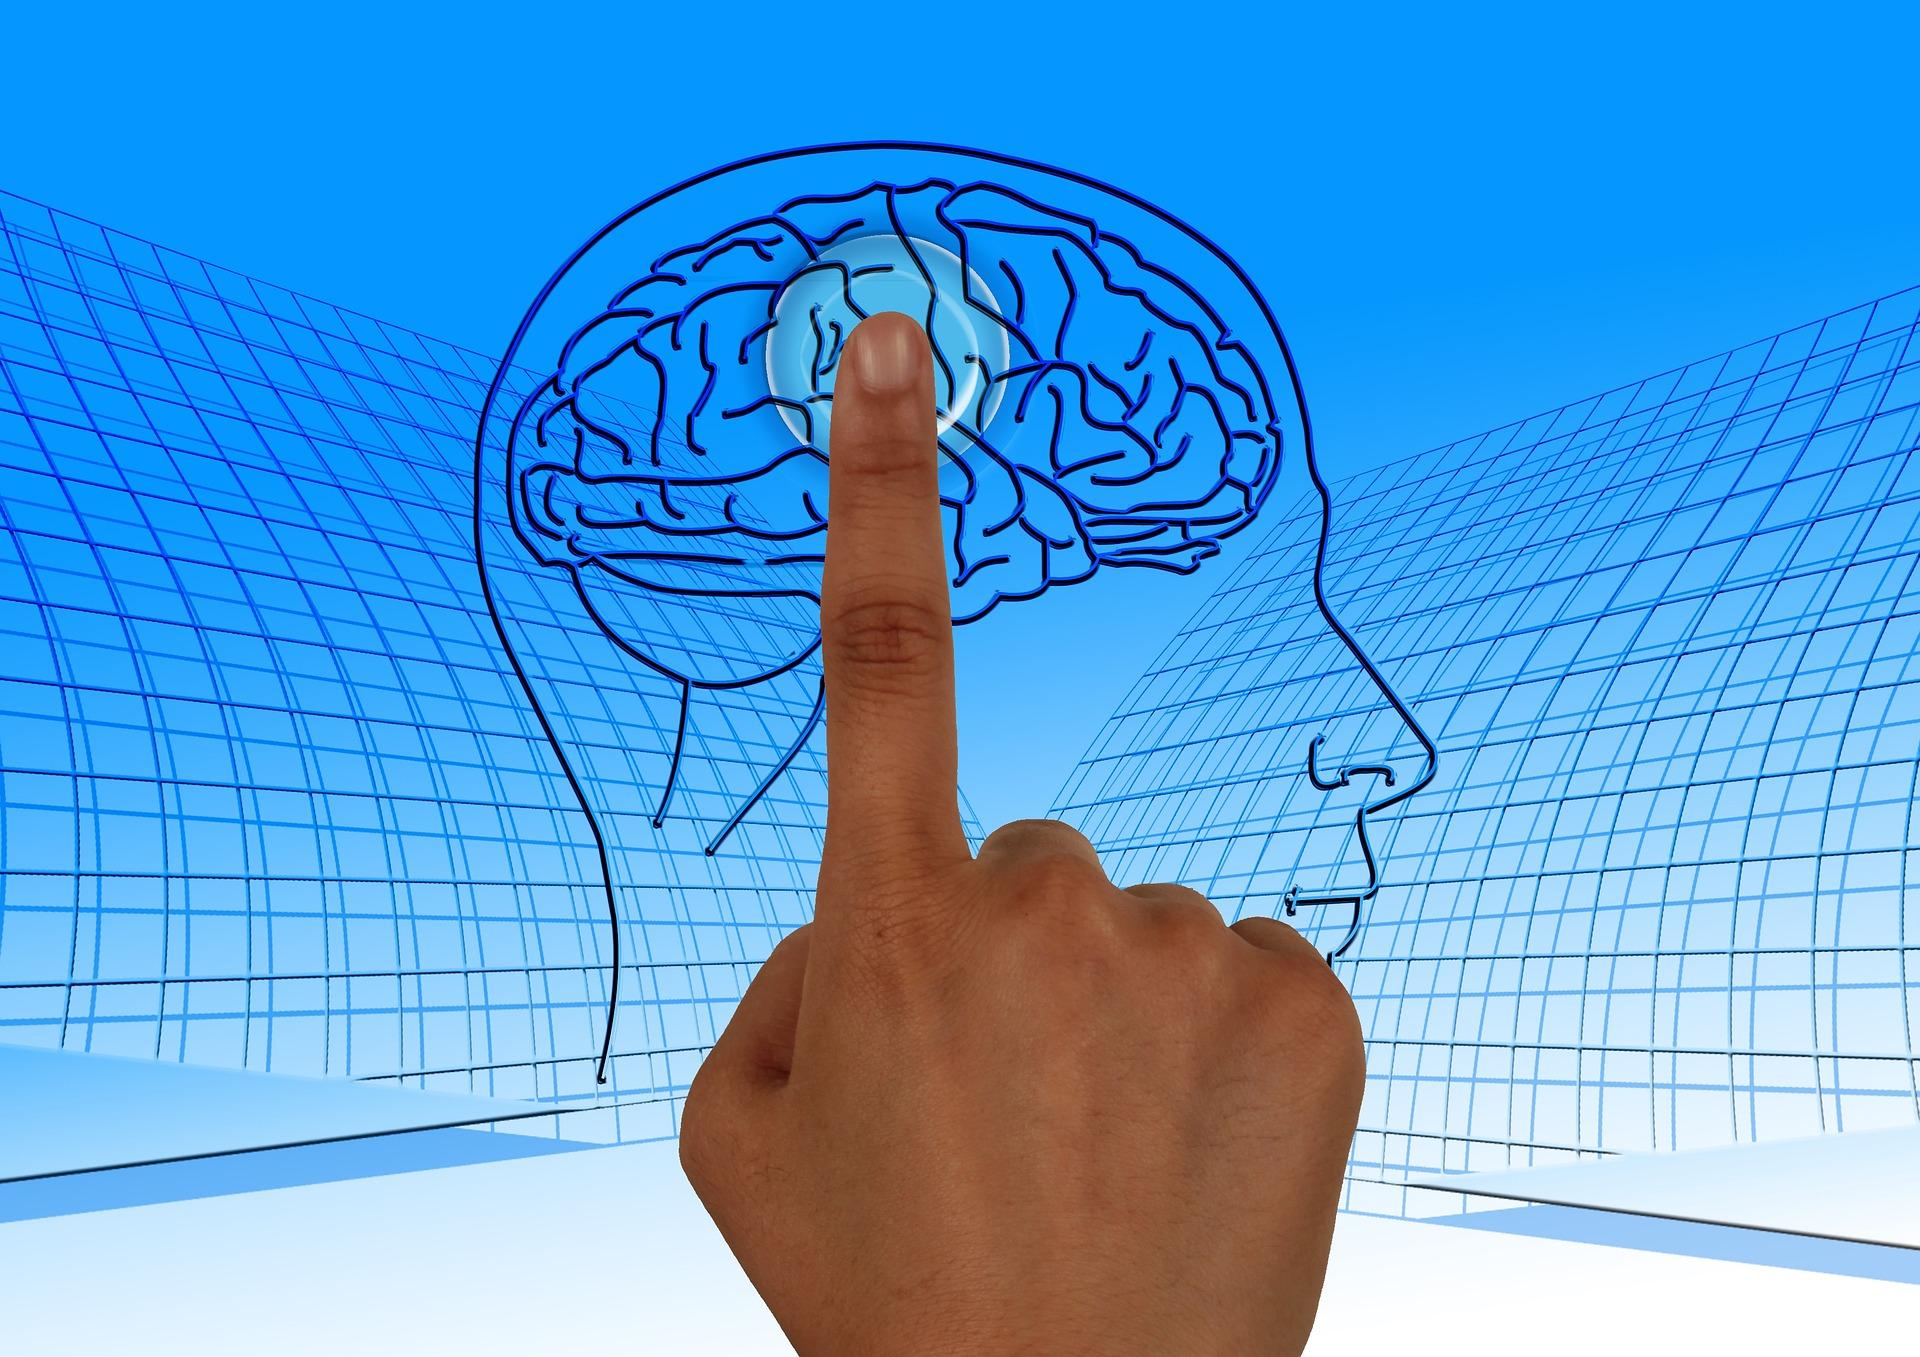 brain-770044_1920.jpg